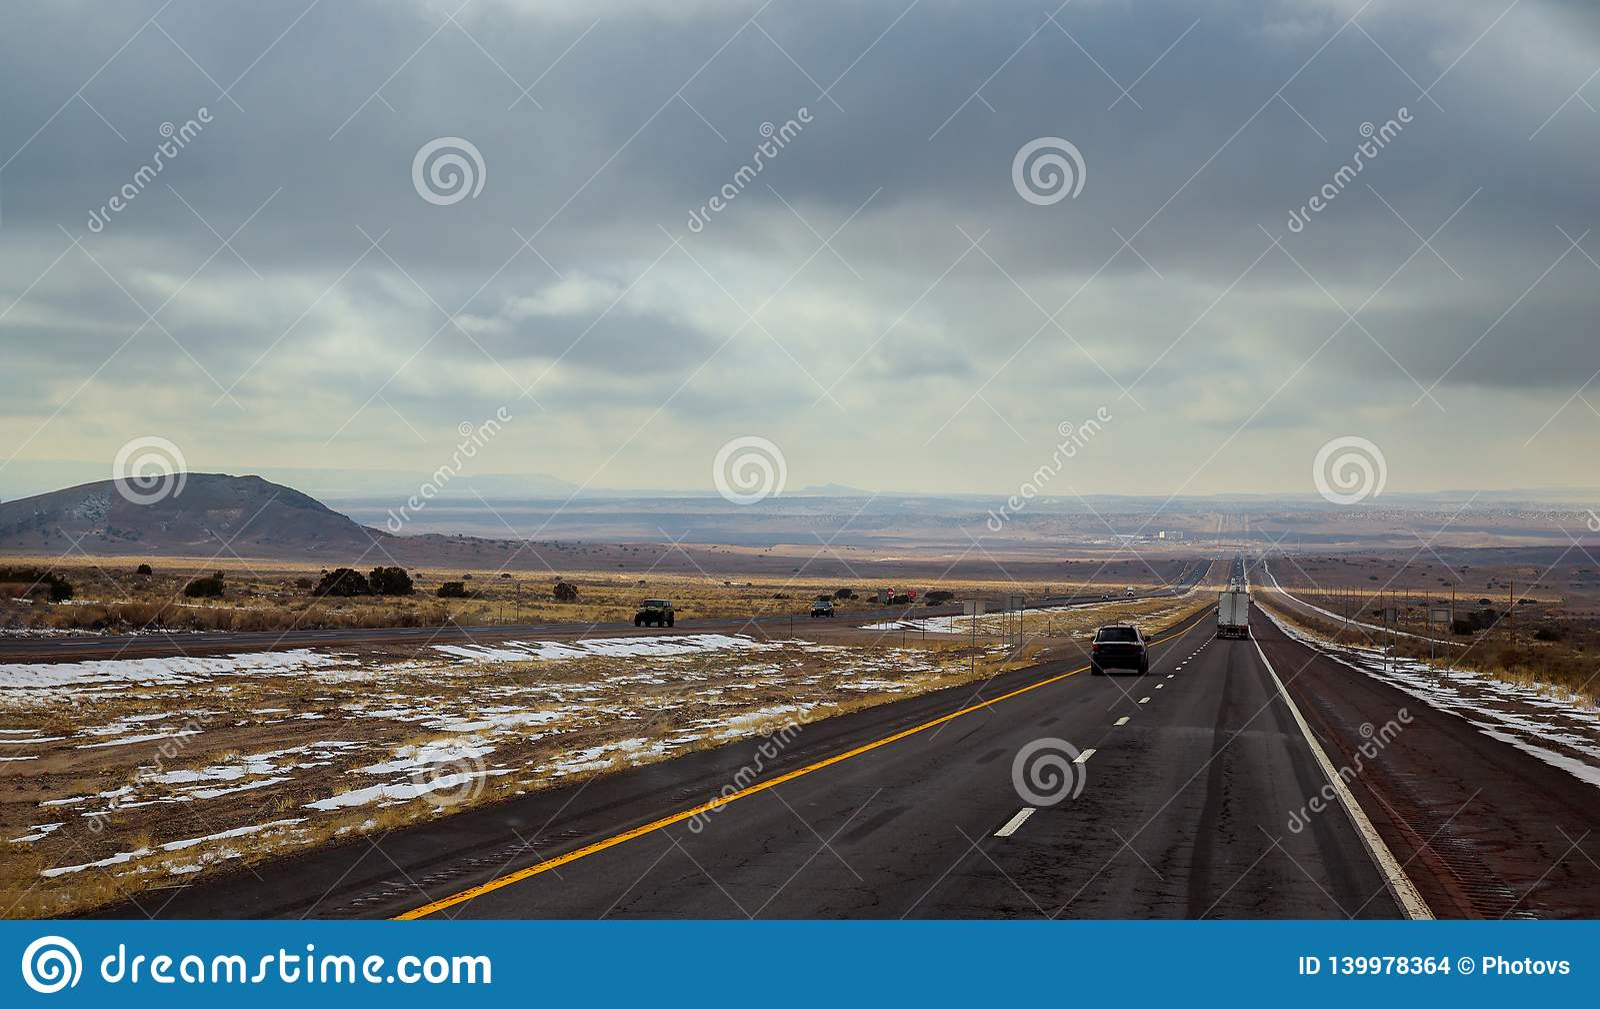 Eine Landstraße läuft von Tucumcari, New Mexiko durch die Bürste und die MESAs der hohen Wüste